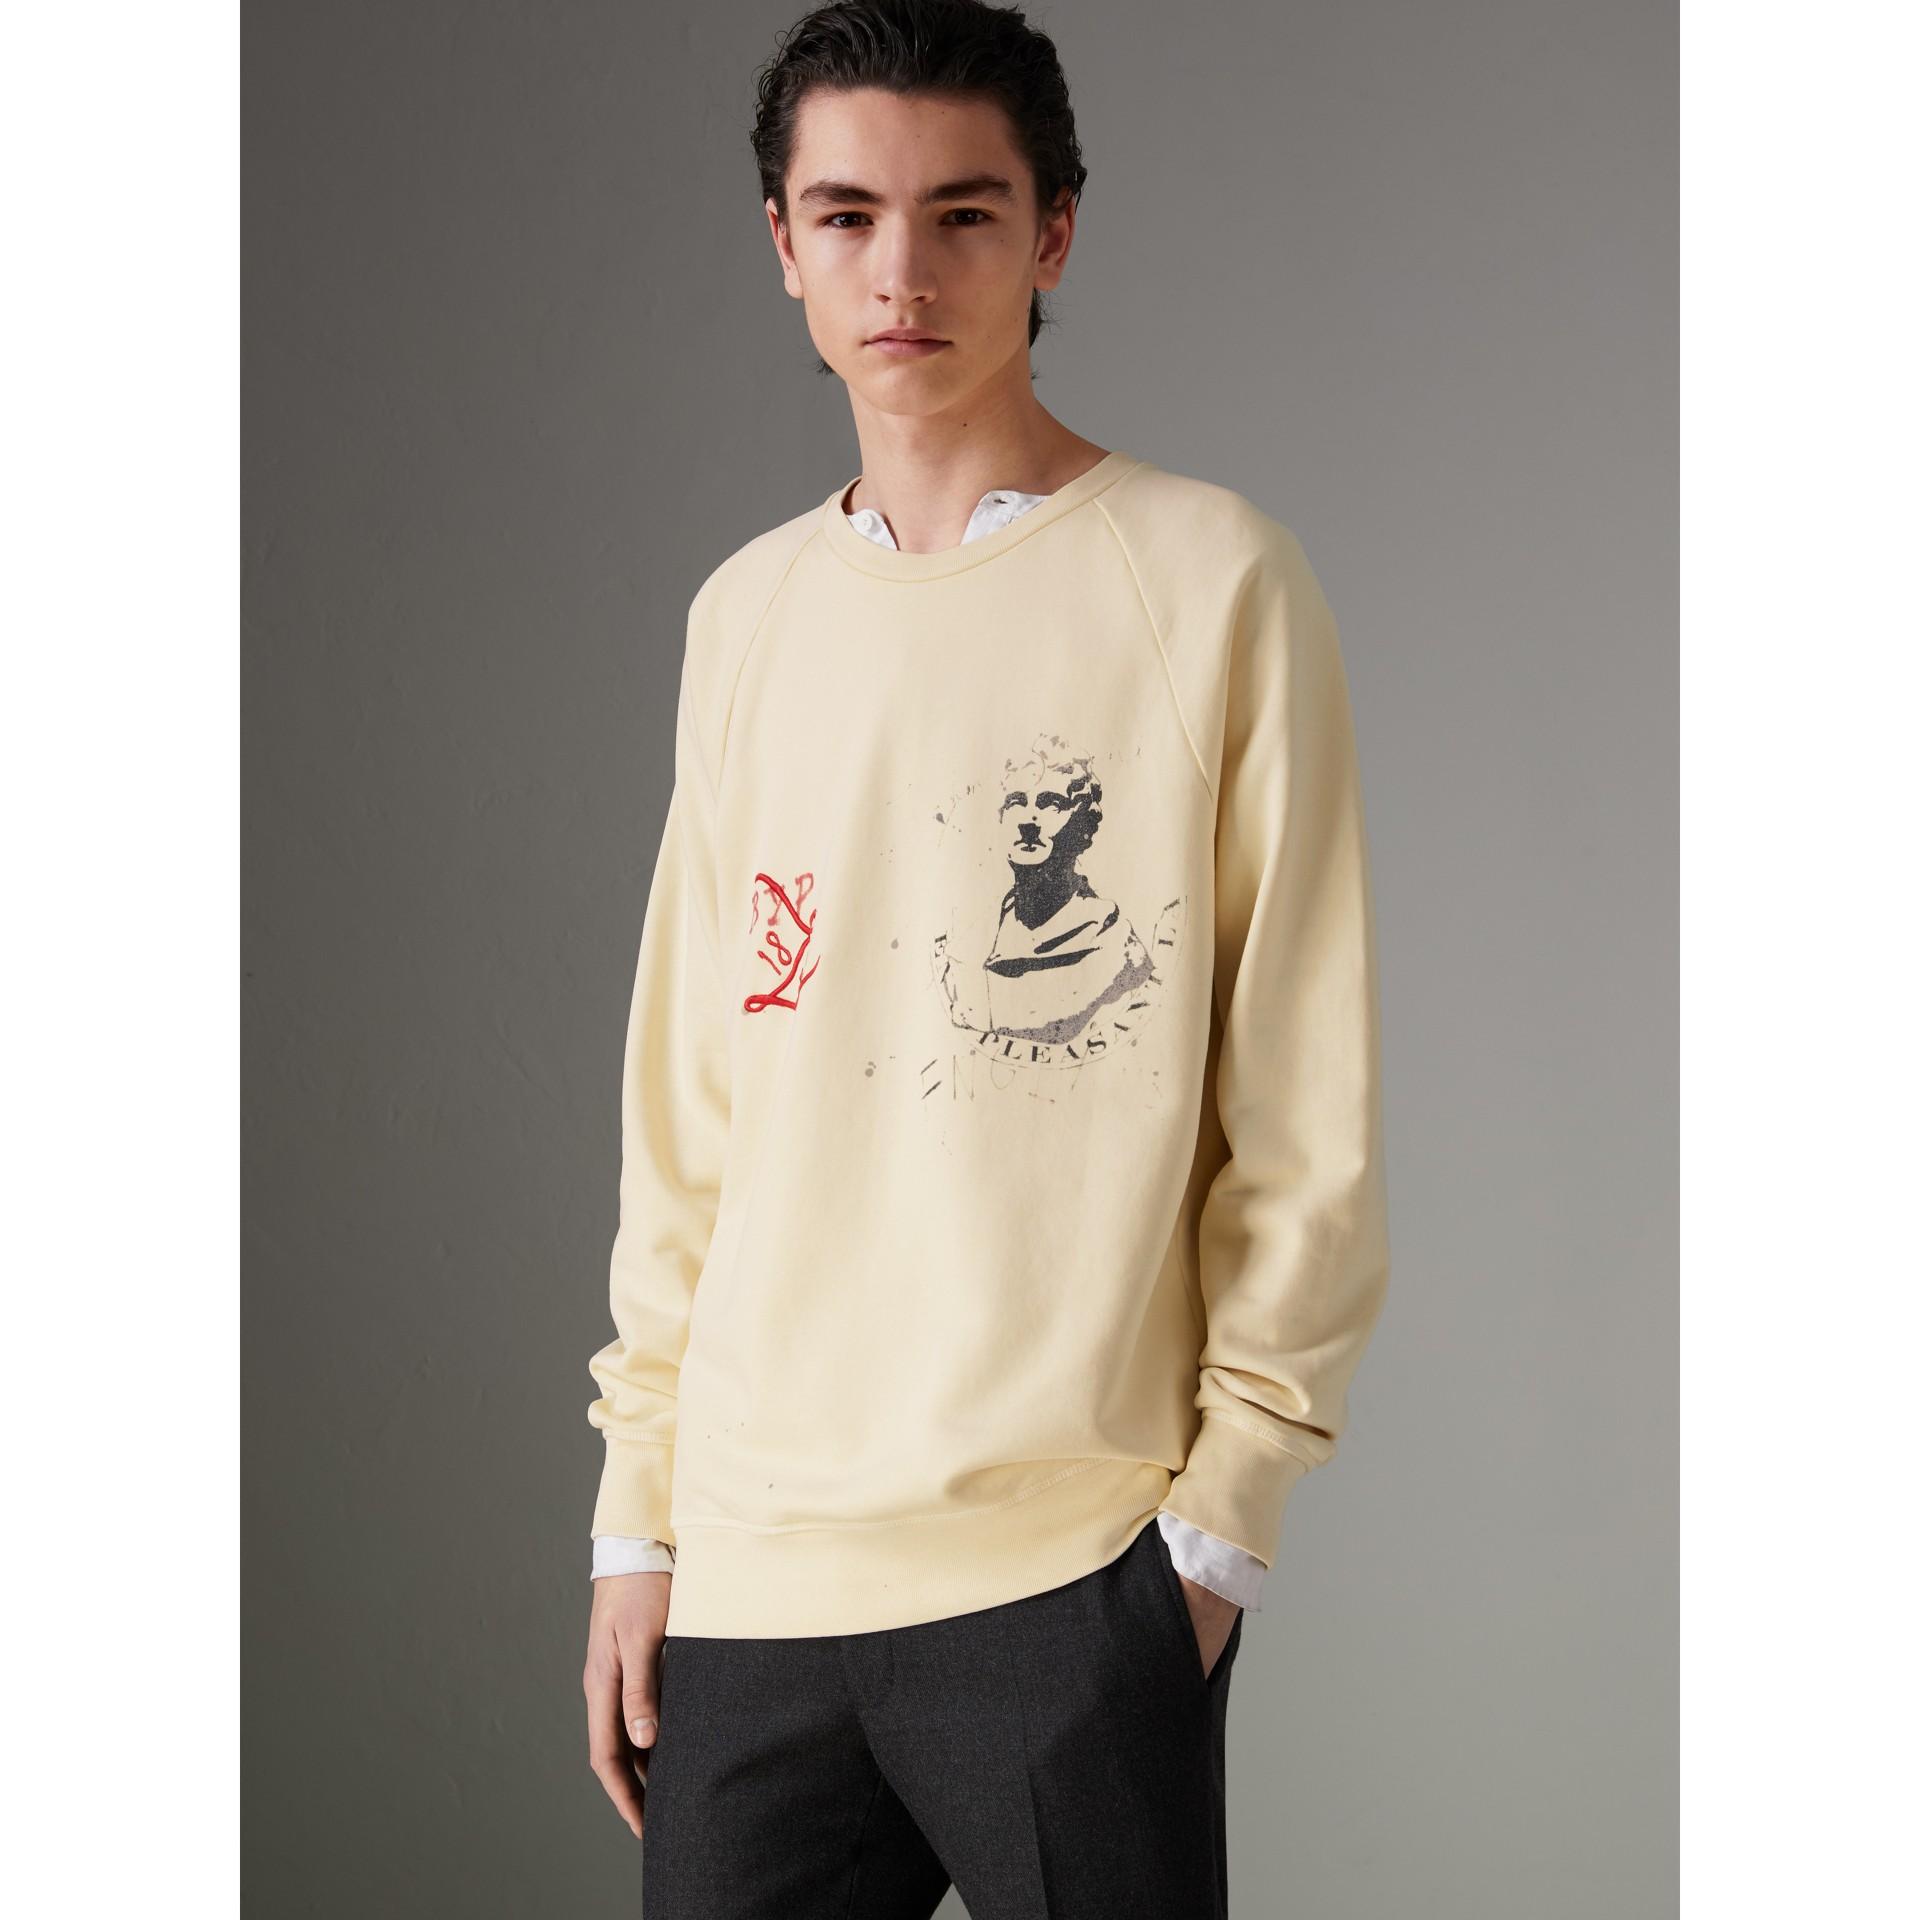 Sweat-shirt en coton avec portrait et logo imprimé (Jaune Pâle) - Homme | Burberry - photo de la galerie 2